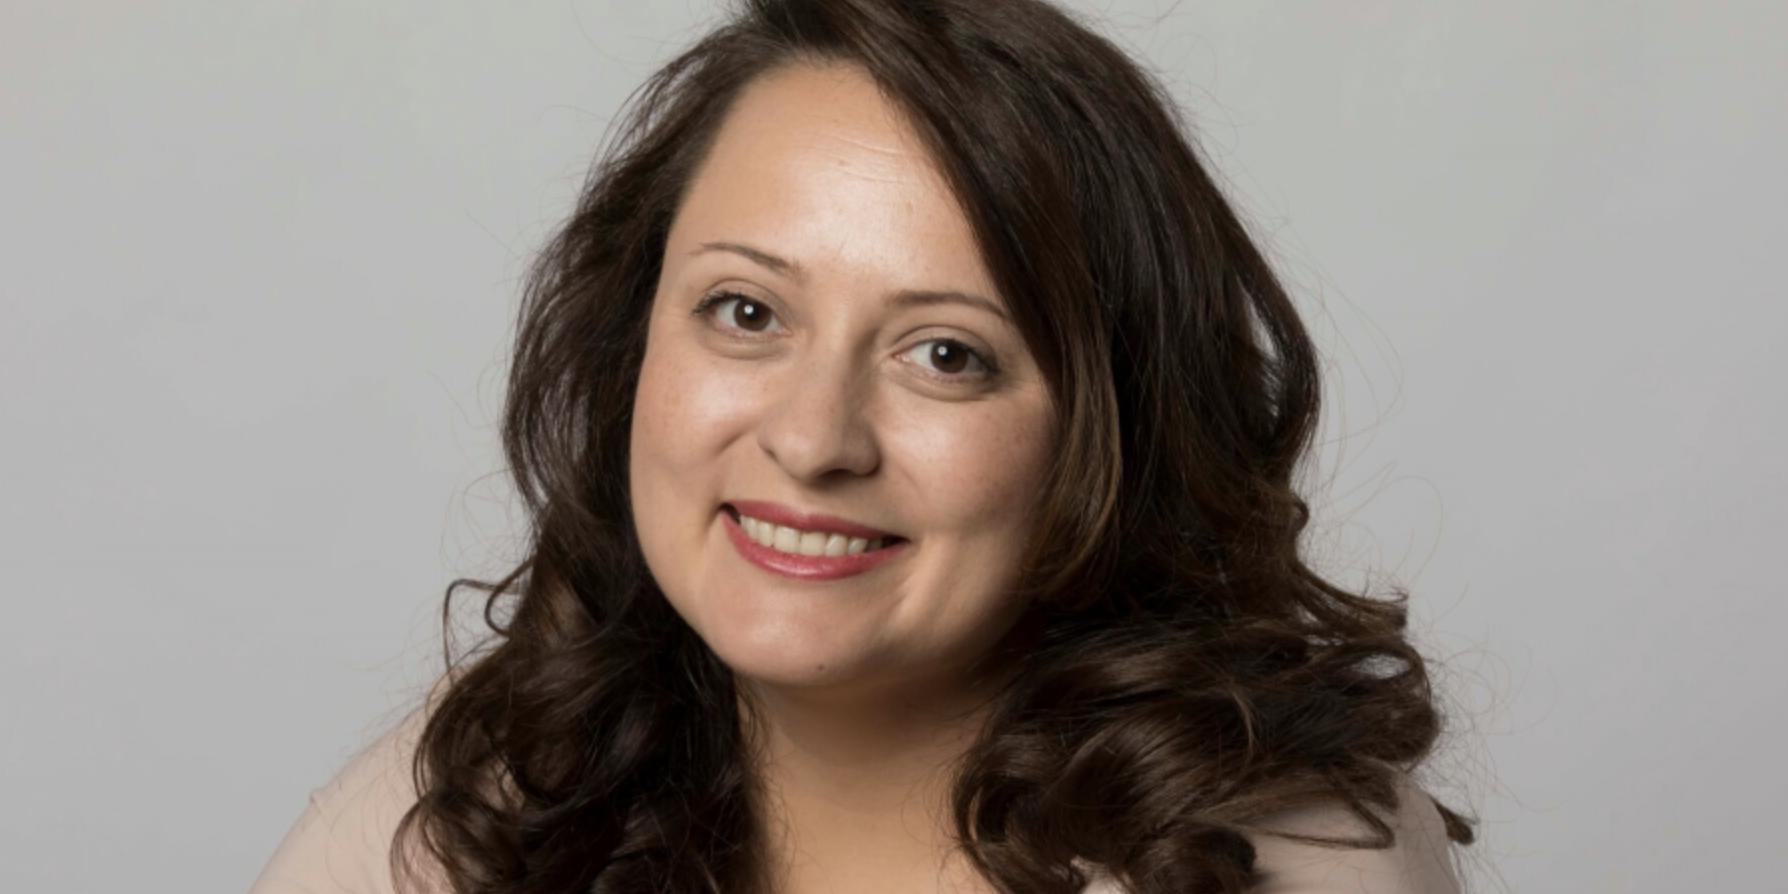 L'entreprise de services informatiques a nommé Julie Verlingue au poste de Directrice générale